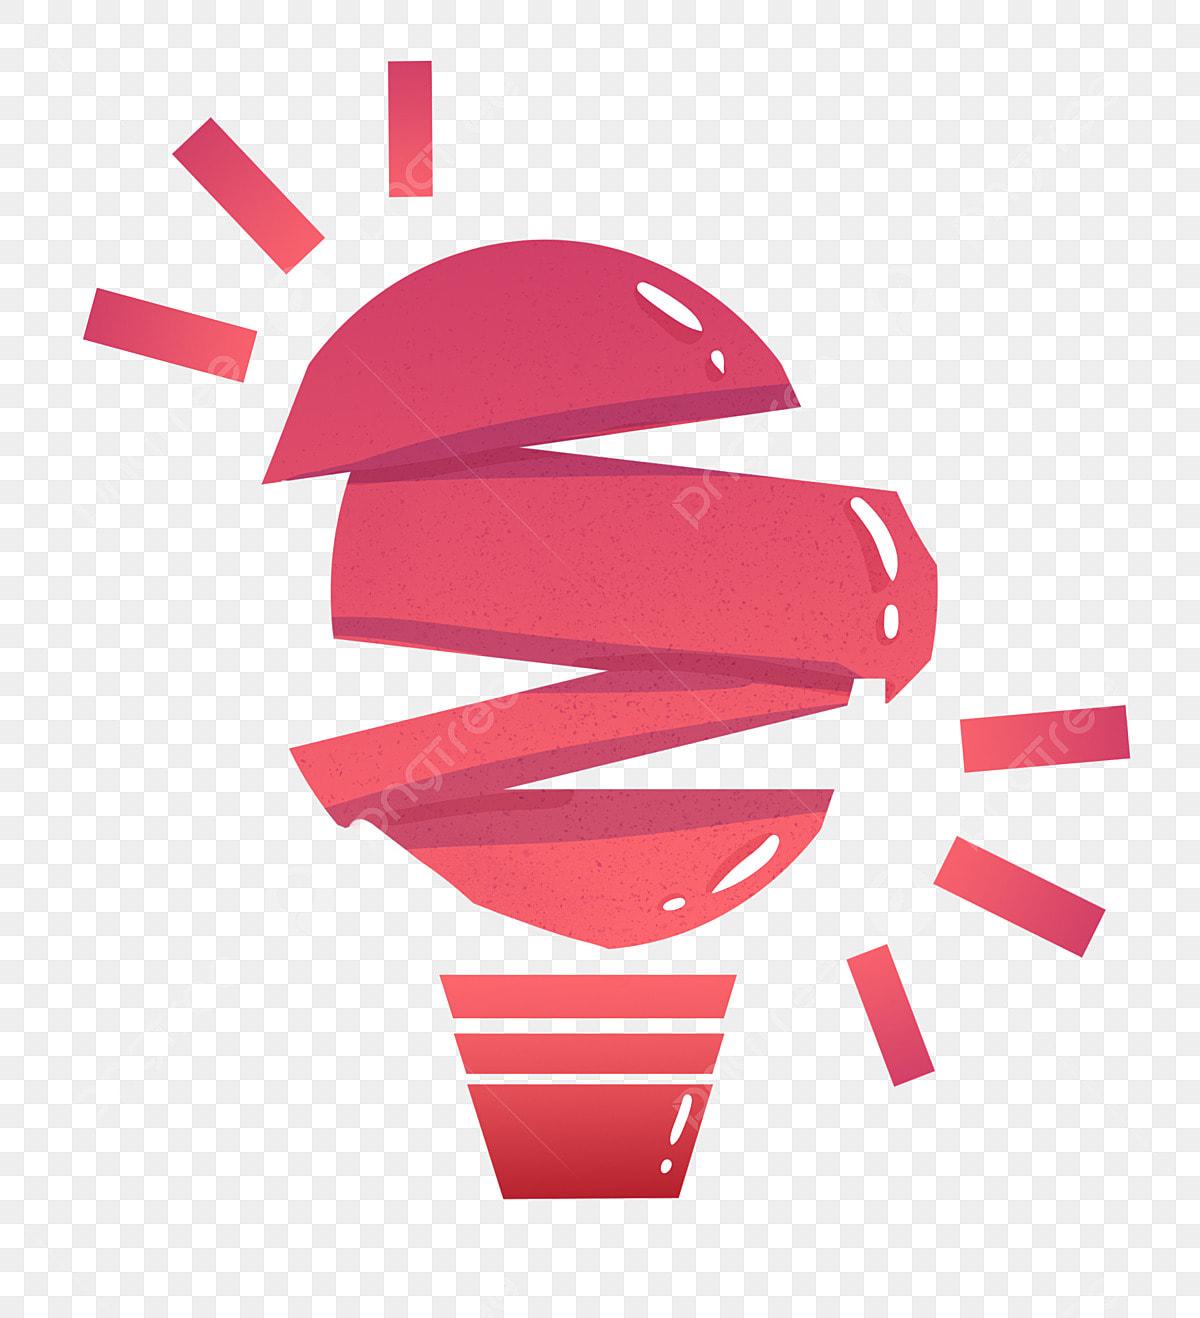 gambar ilustrasi hiasan mentol lampu merah mentol lampu yang indah mentol lampu stereo mentol lampu kartun png dan psd untuk muat turun percuma pngtree